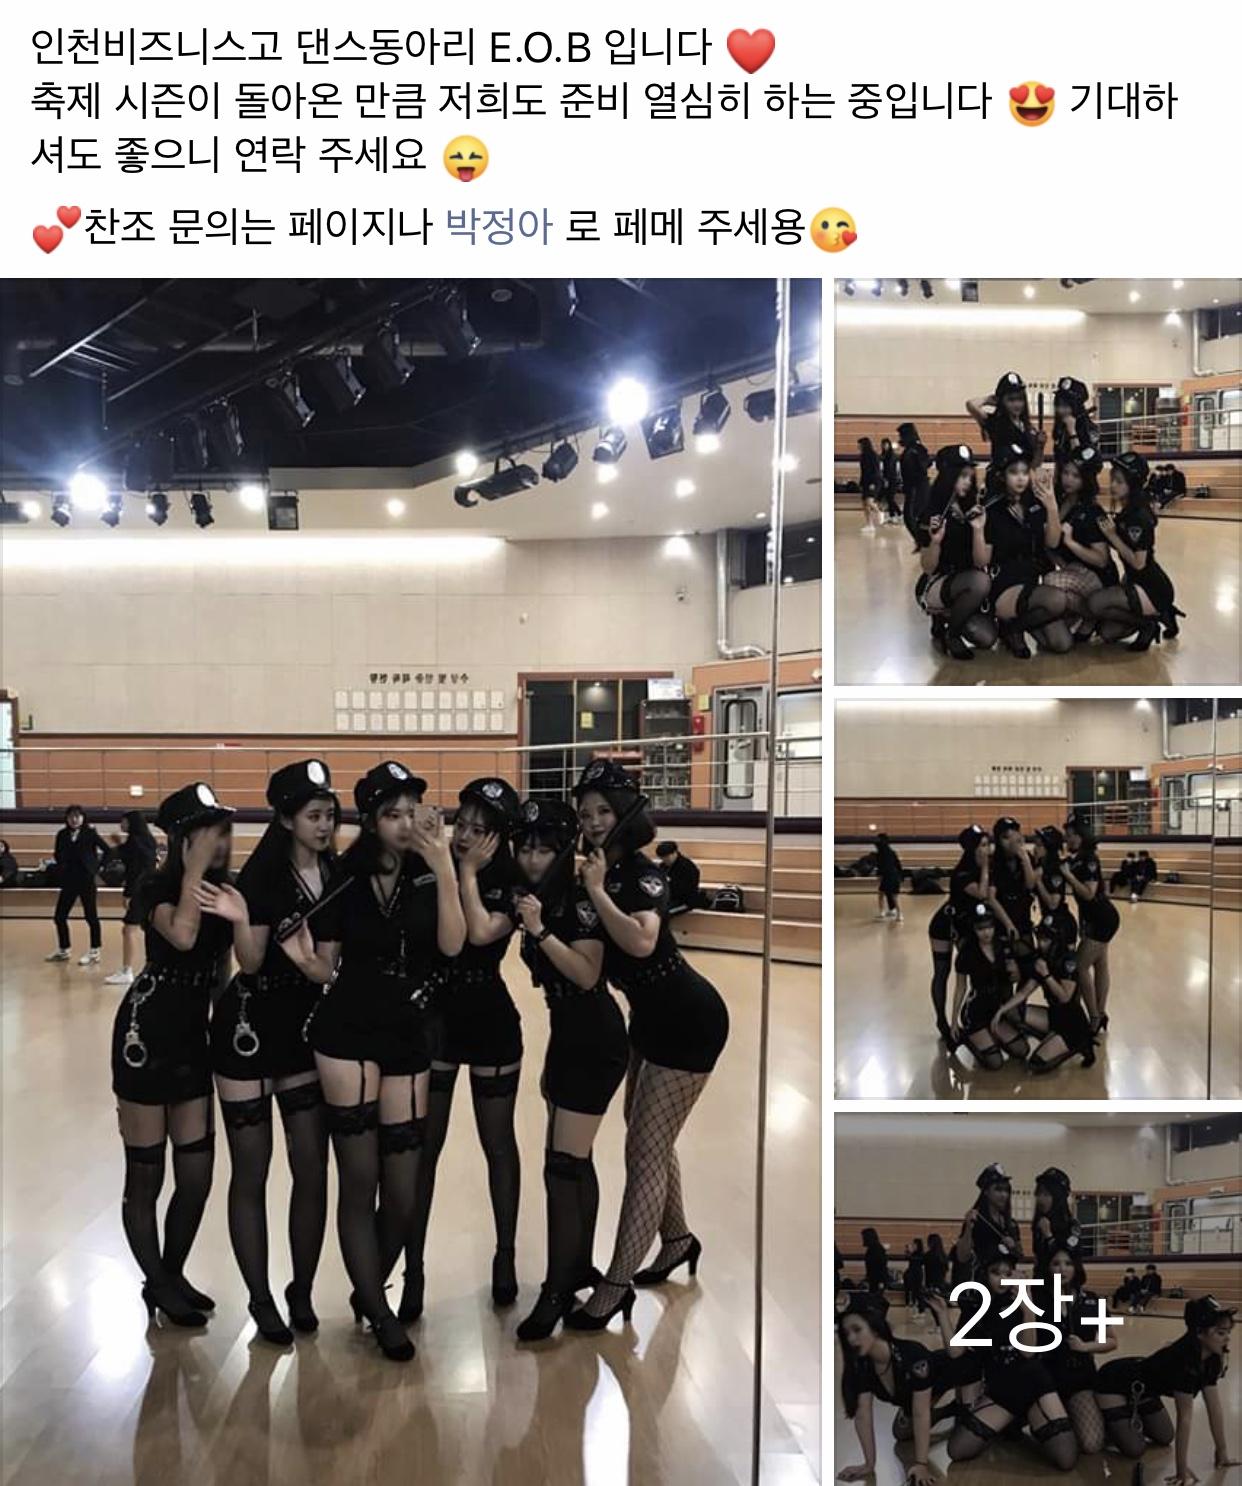 고딩 댄스팀 2019.인천 월미도 고딩댄스팀(프리스트)아이팝페스티벌